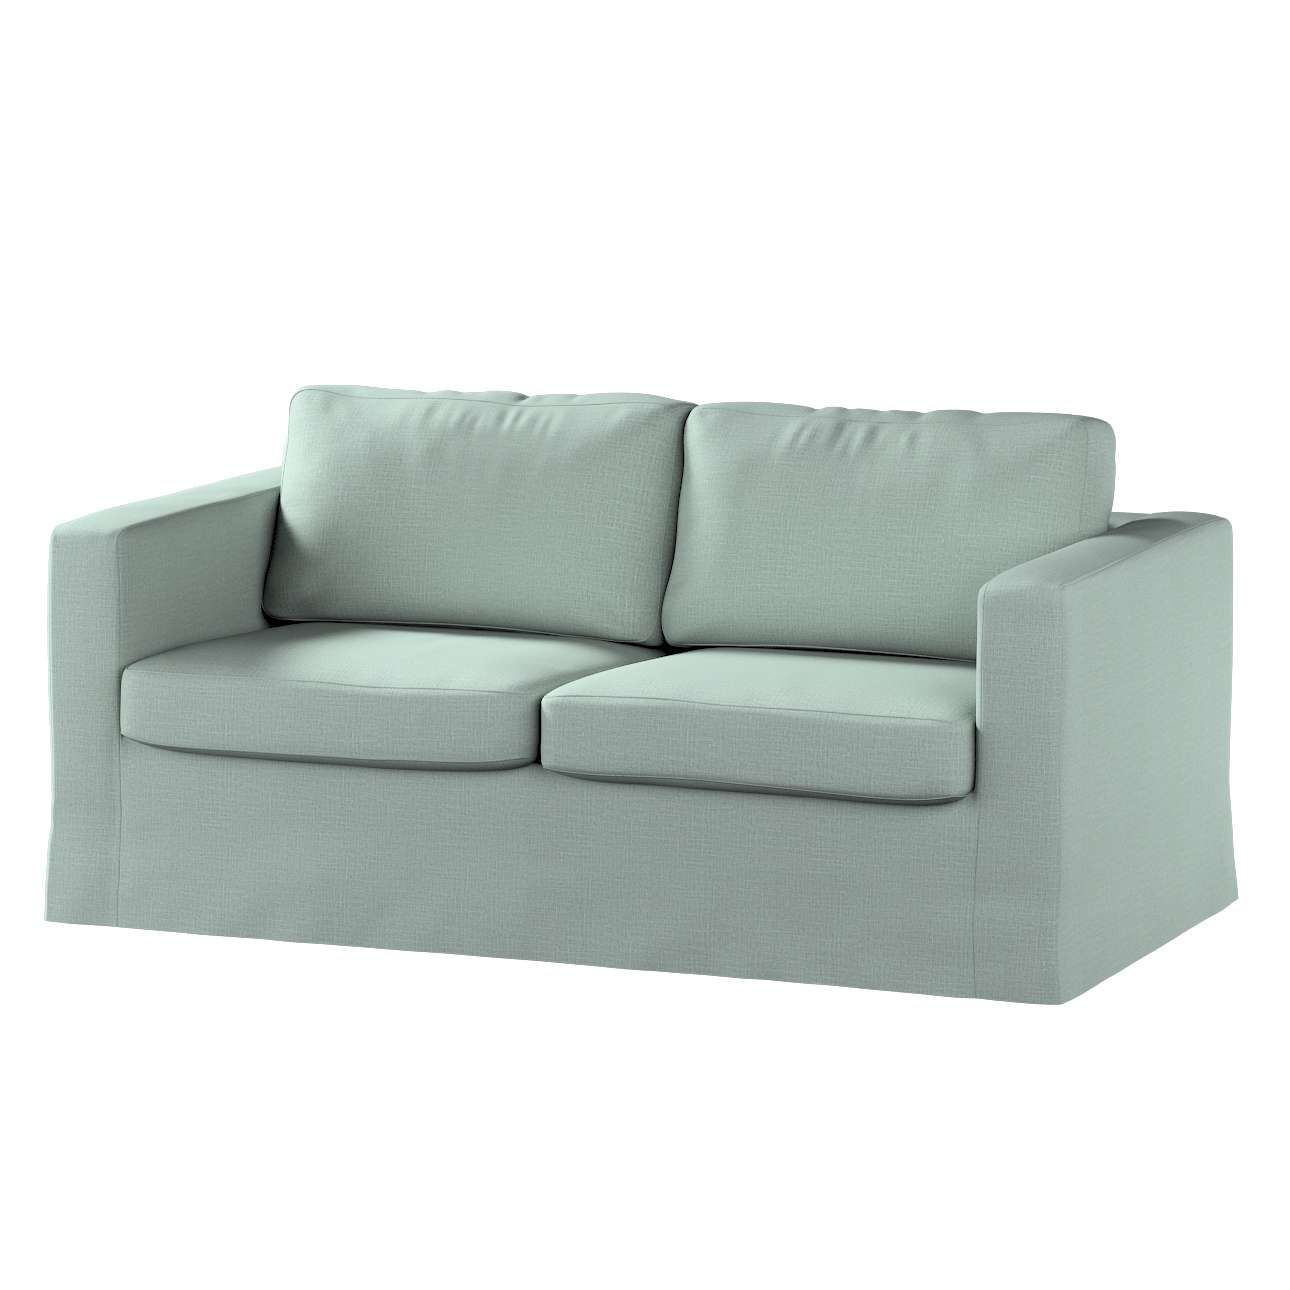 Pokrowiec na sofę Karlstad 2-osobową nierozkładaną długi w kolekcji Living II, tkanina: 160-86